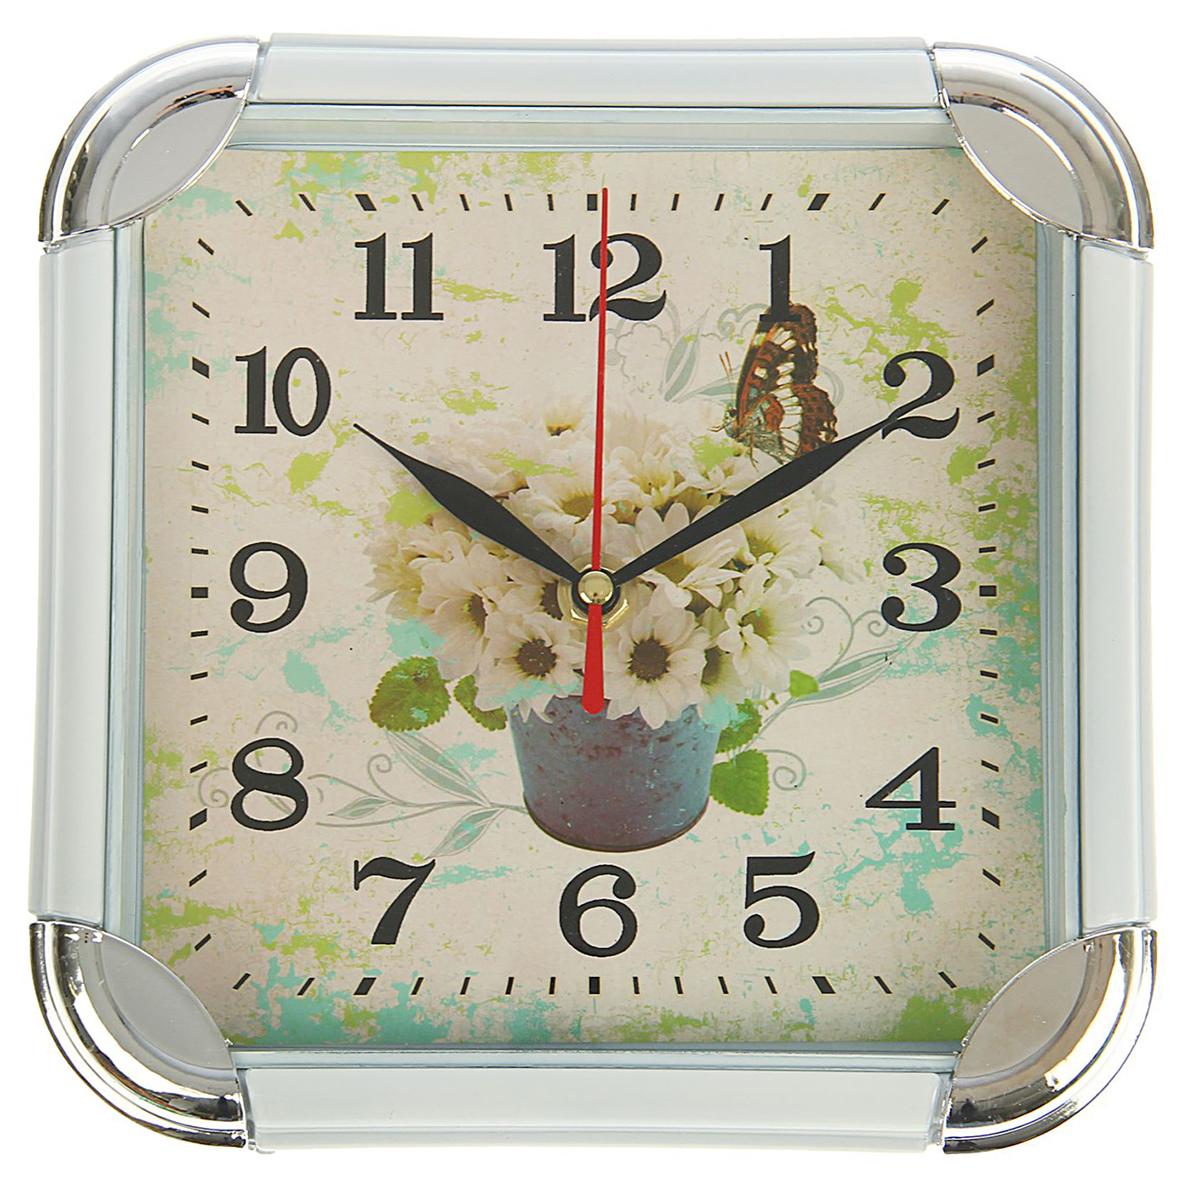 Часы настенные Ромашки с бабочкой, 19,5 х 19,5 см1716930Каждому хозяину периодически приходит мысль обновить свою квартиру, сделать ремонт, перестановку или кардинально поменять внешний вид каждой комнаты. Часы настенные Ромашки с бабочкой, квадратные с закругленными углами, 19,5 ? 19,5 см, белые — привлекательная деталь, которая поможет воплотить вашу интерьерную идею, создать неповторимую атмосферу в вашем доме. Окружите себя приятными мелочами, пусть они радуют глаз и дарят гармонию.Часы настенные квадрат, рама вставка по углам хром белая, Ромашки с бабочкой 19,5*19,5см 1716930